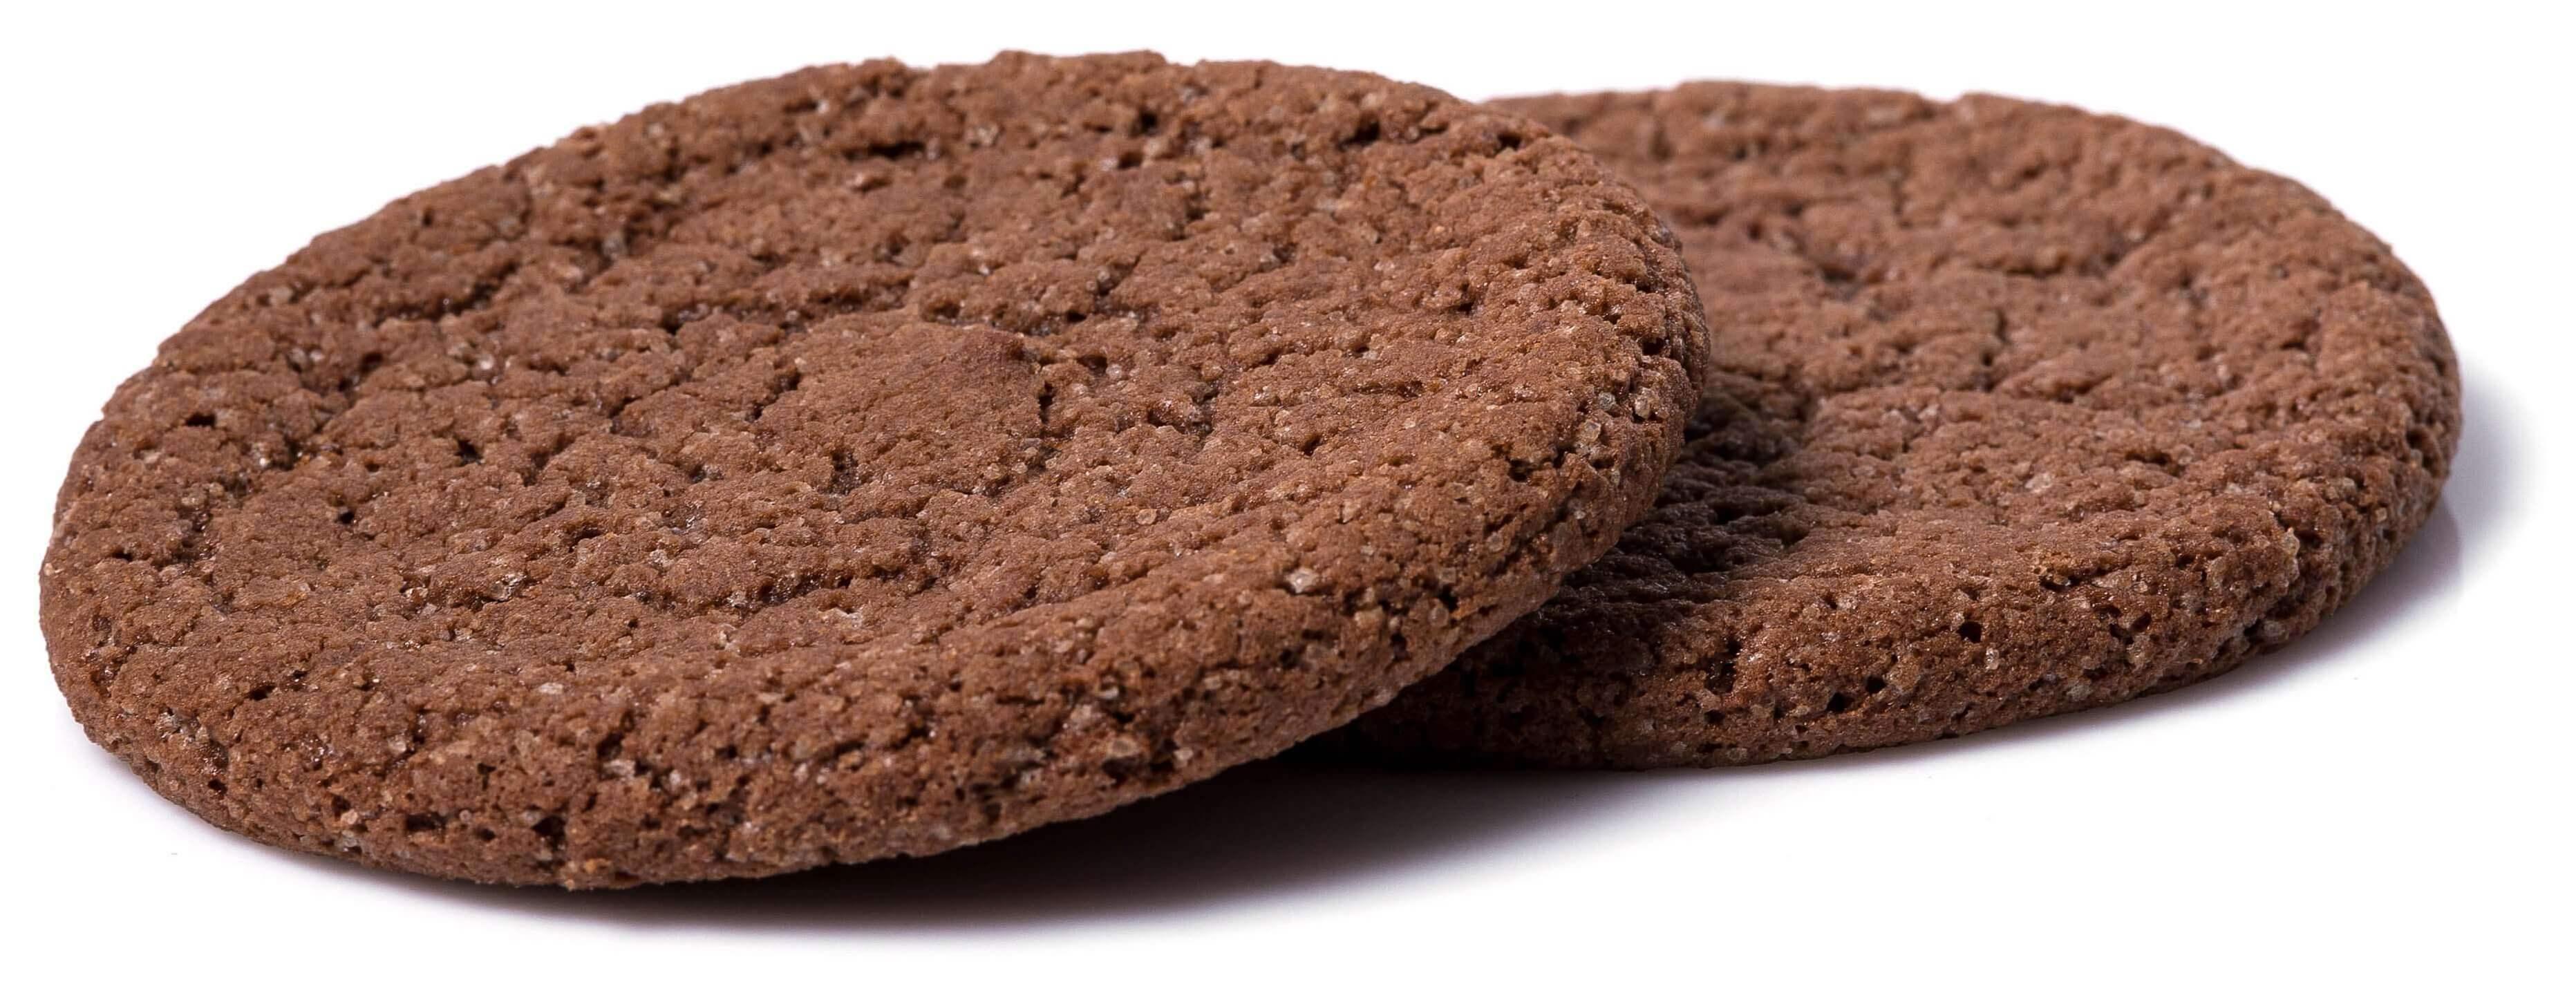 Печенье сдобное «Легенда» с какао фото 1